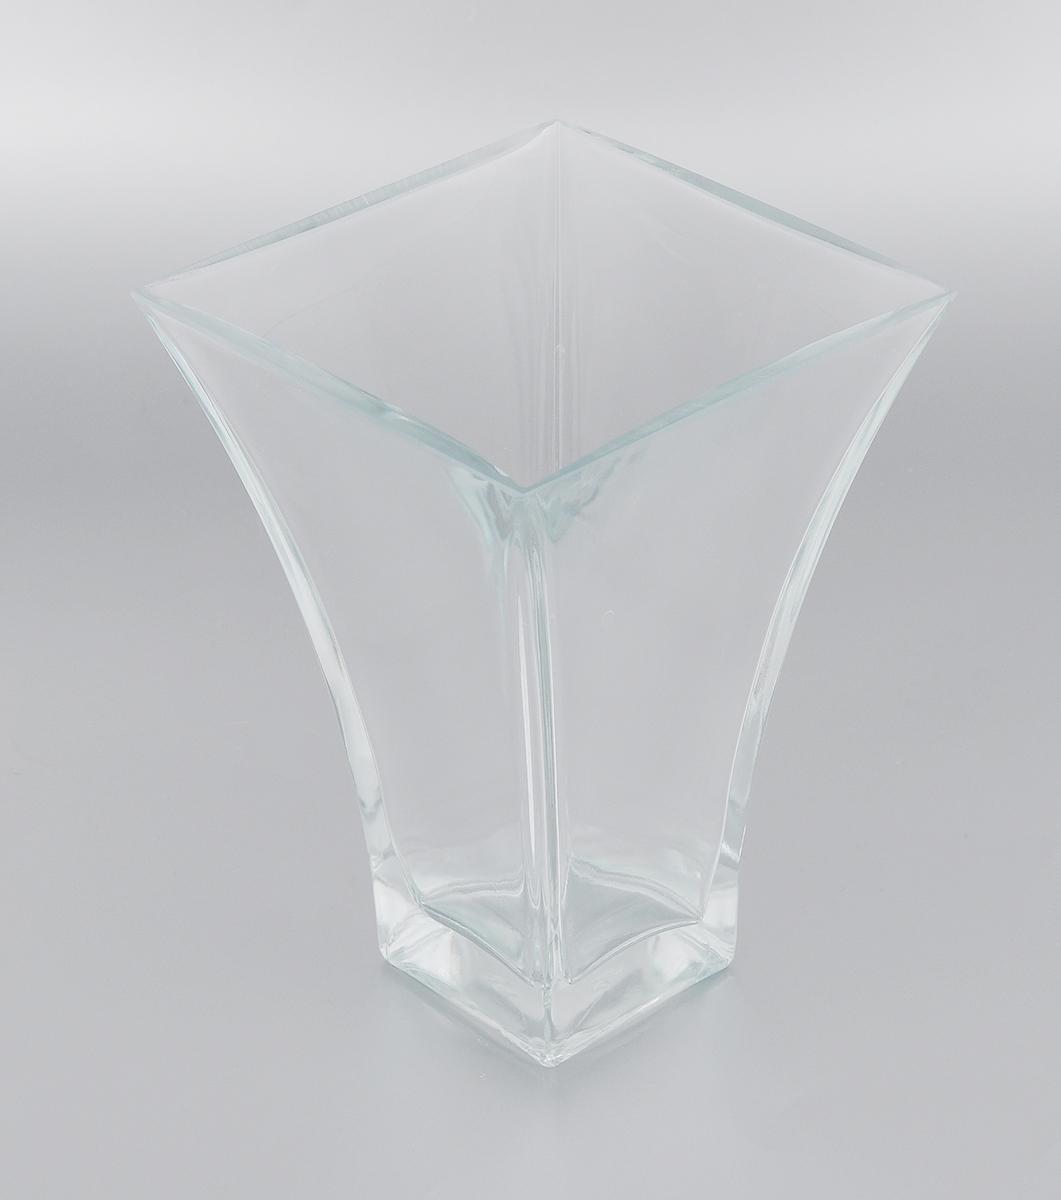 Ваза Pasabahce Botanica, высота 20 см. 80149B54 009312Элегантная ваза Pasabahce Botanica выполнена из высококачественного натрий-кальций-силикатного стекла.Изделие придется по вкусу и ценителям классики, и тем, кто предпочитает утонченность и изящность. Вы можете поставить вазу в любом месте, где она будет удачно смотреться и радовать глаз. Такая ваза подойдет для декора интерьера. Кроме того - это отличный вариант подарка для ваших близких и друзей. Можно мыть в посудомоечной машине.Высота вазы: 20 см.Размер вазы (по верхнему краю): 14,5 х 14,5 см.